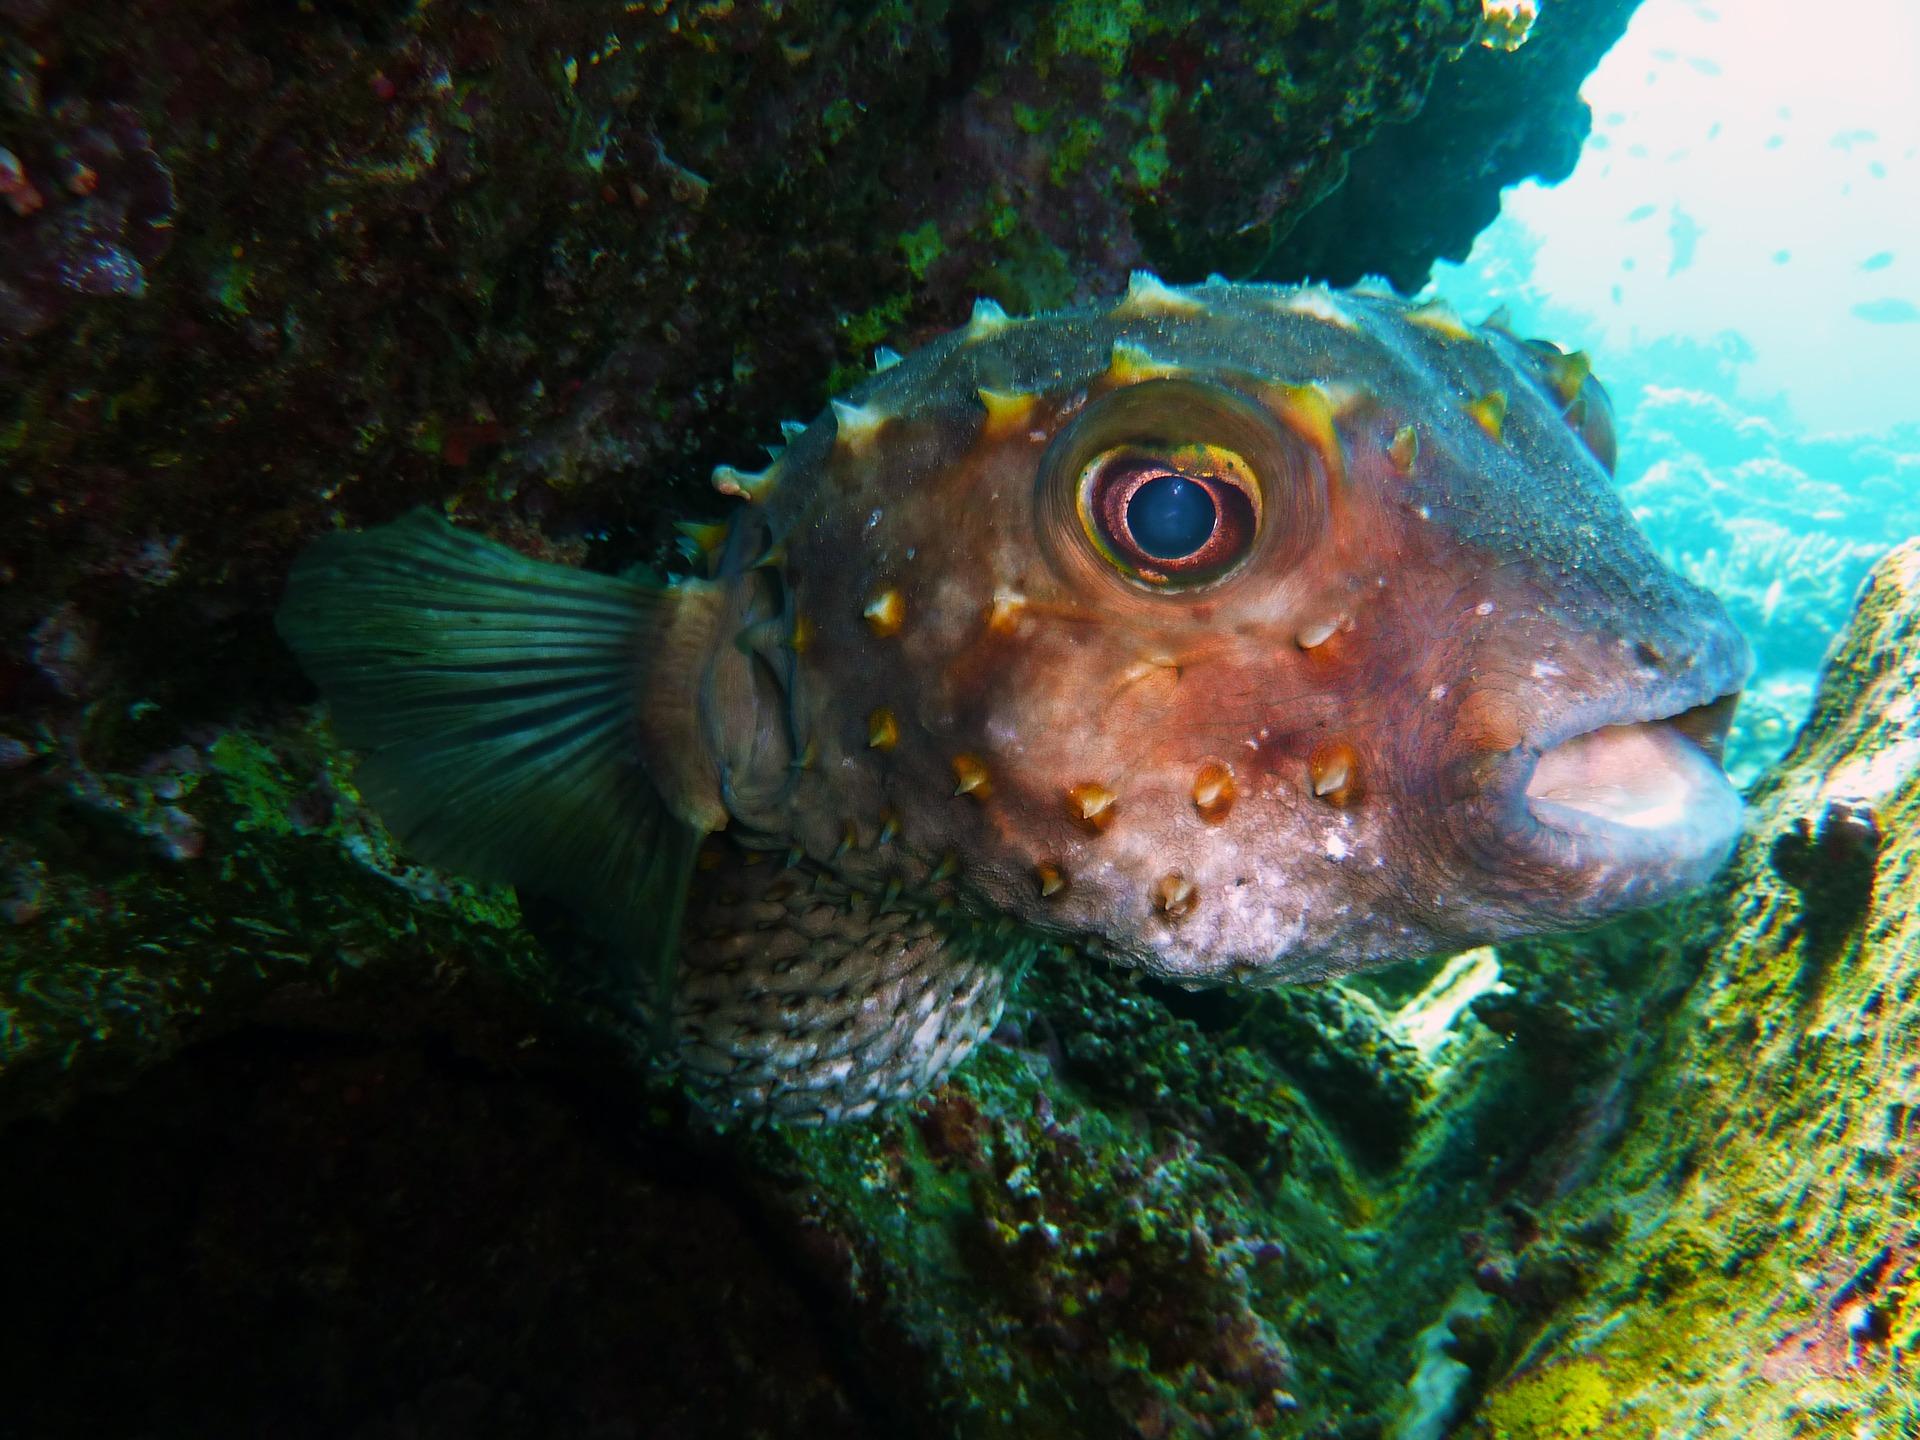 stachliger Igelfisch